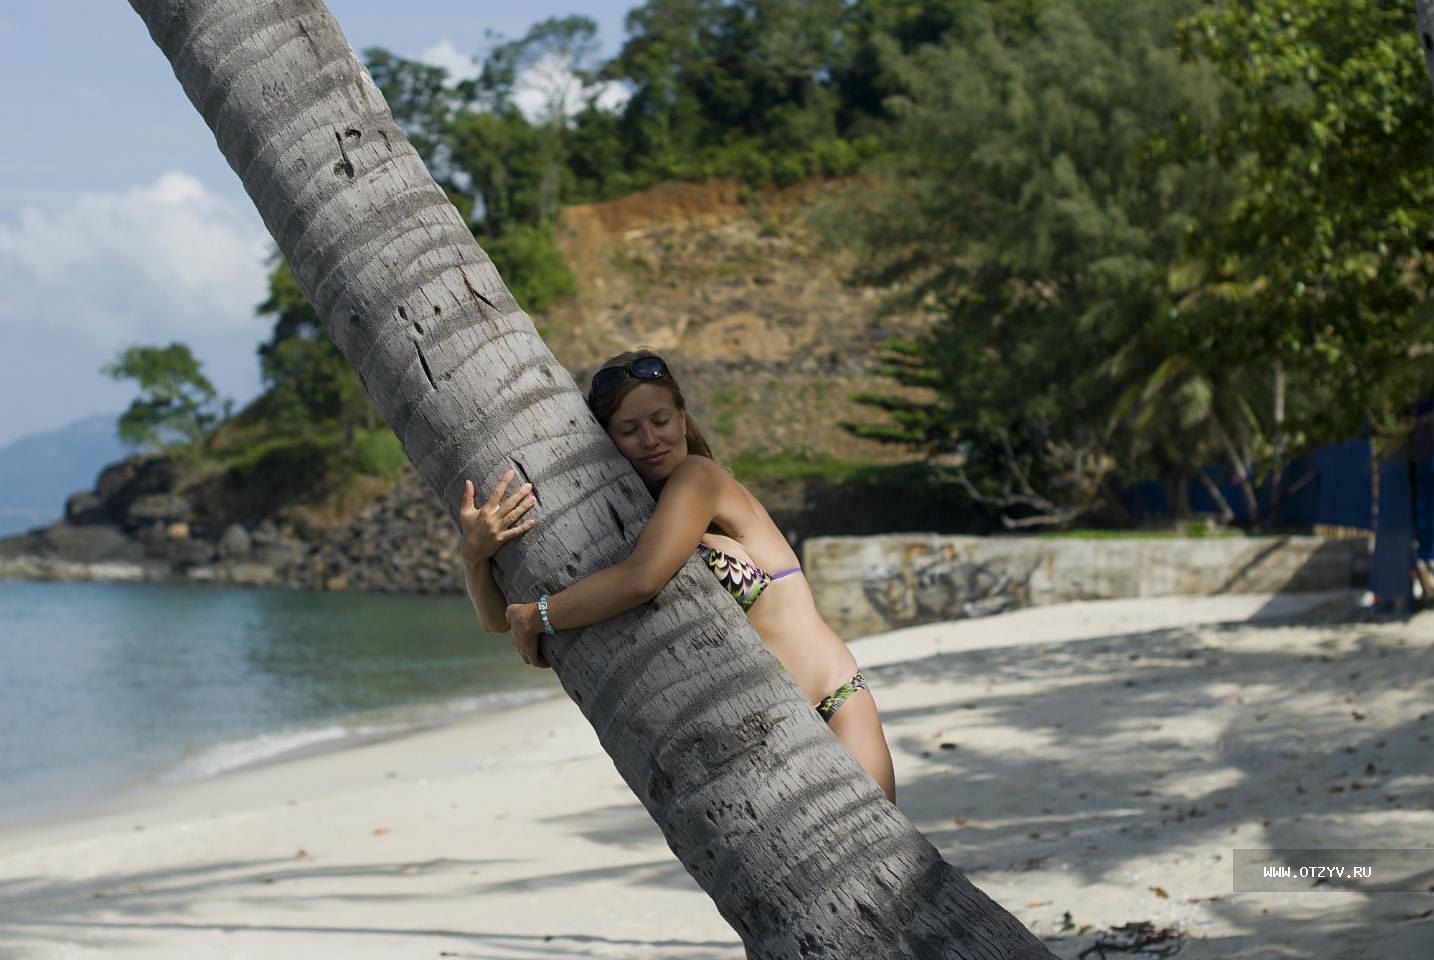 Фото в экстрим купальнике на обычном пляже 6 фотография